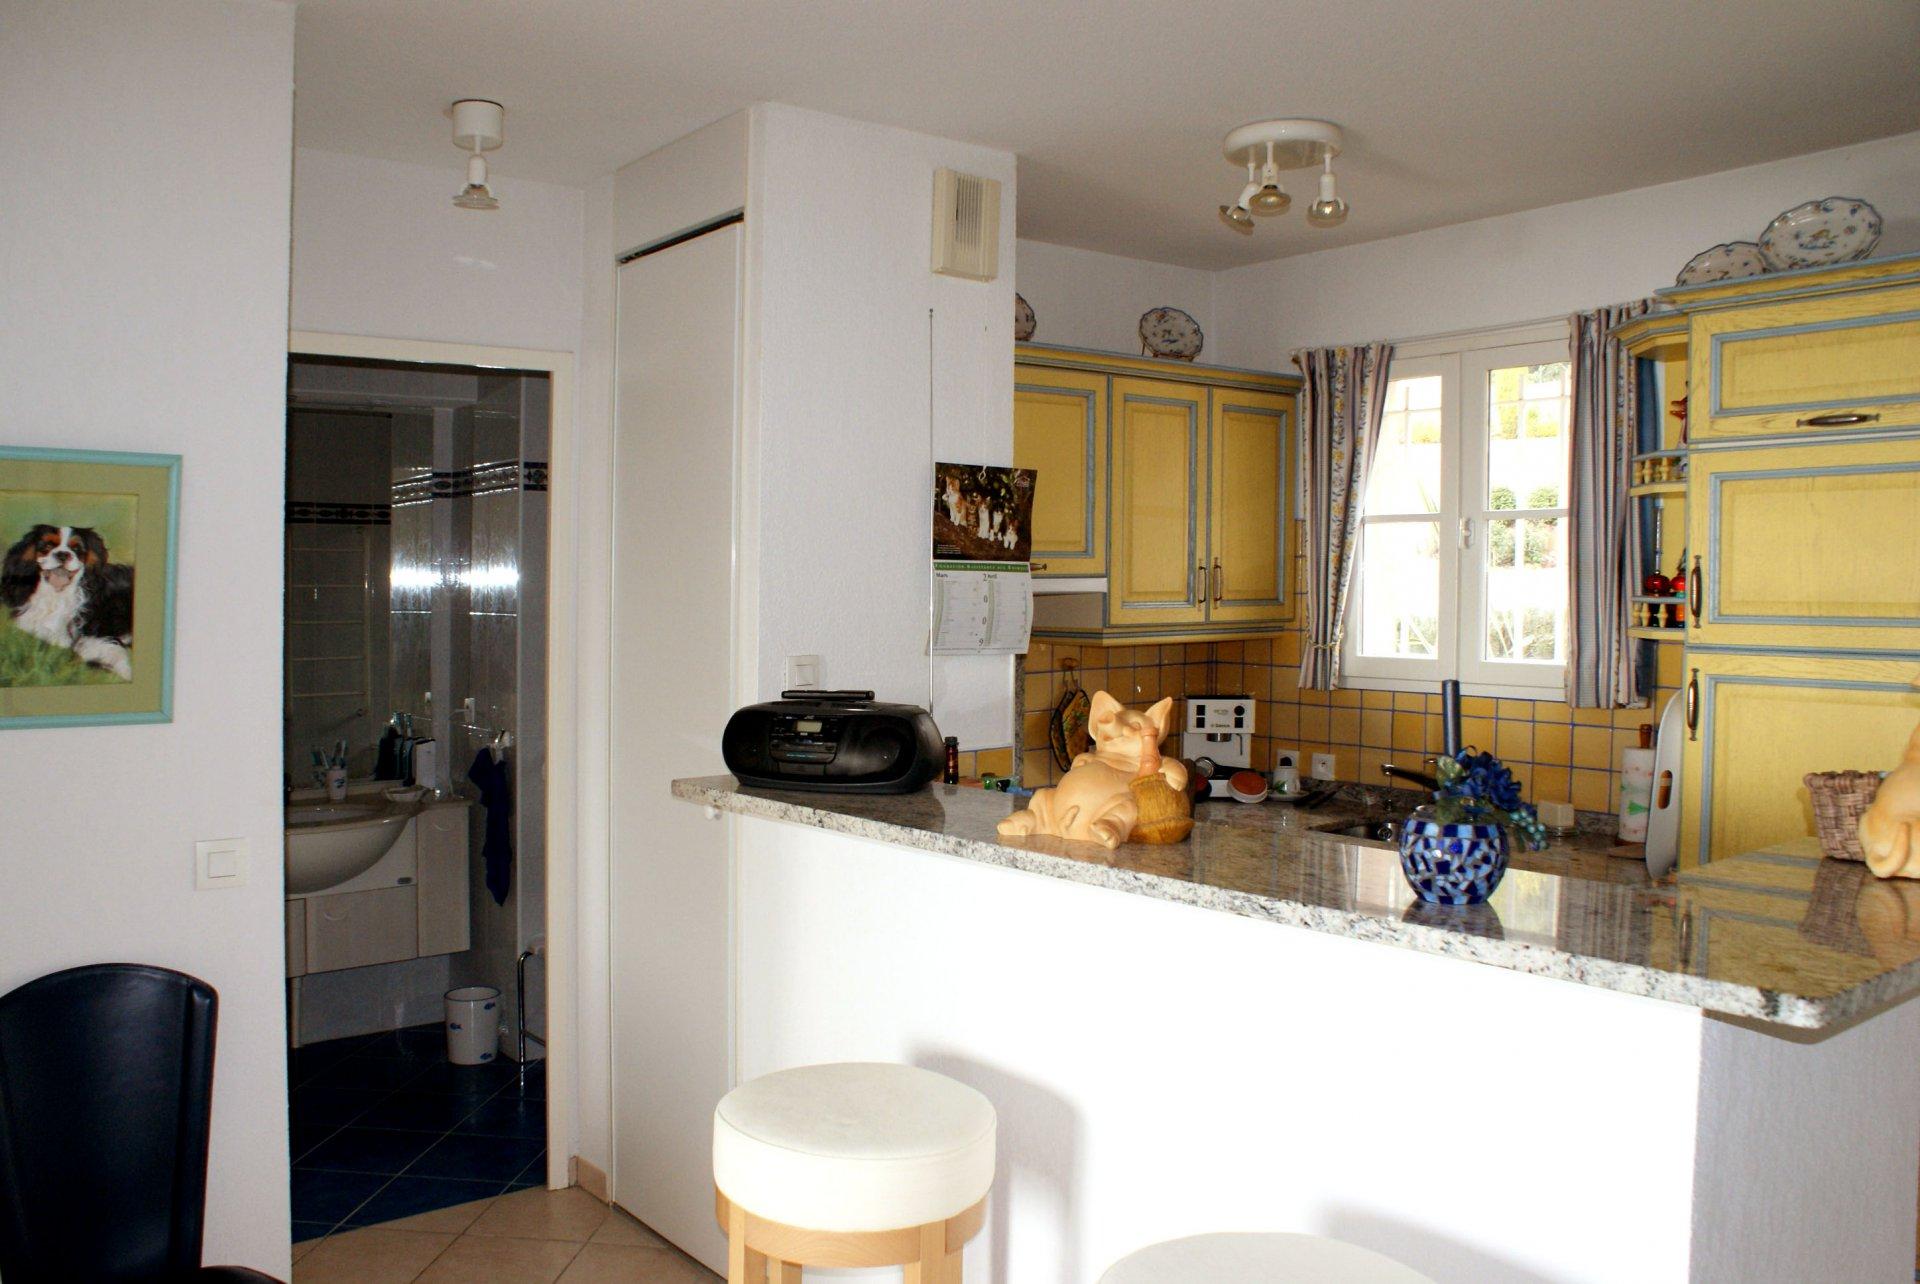 Full Size of Amerikanische Outdoor Küchen 2 Zimmer 4 Personen Kche Mit Spl Und Betten Amerikanisches Bett Küche Kaufen Regal Edelstahl Wohnzimmer Amerikanische Outdoor Küchen